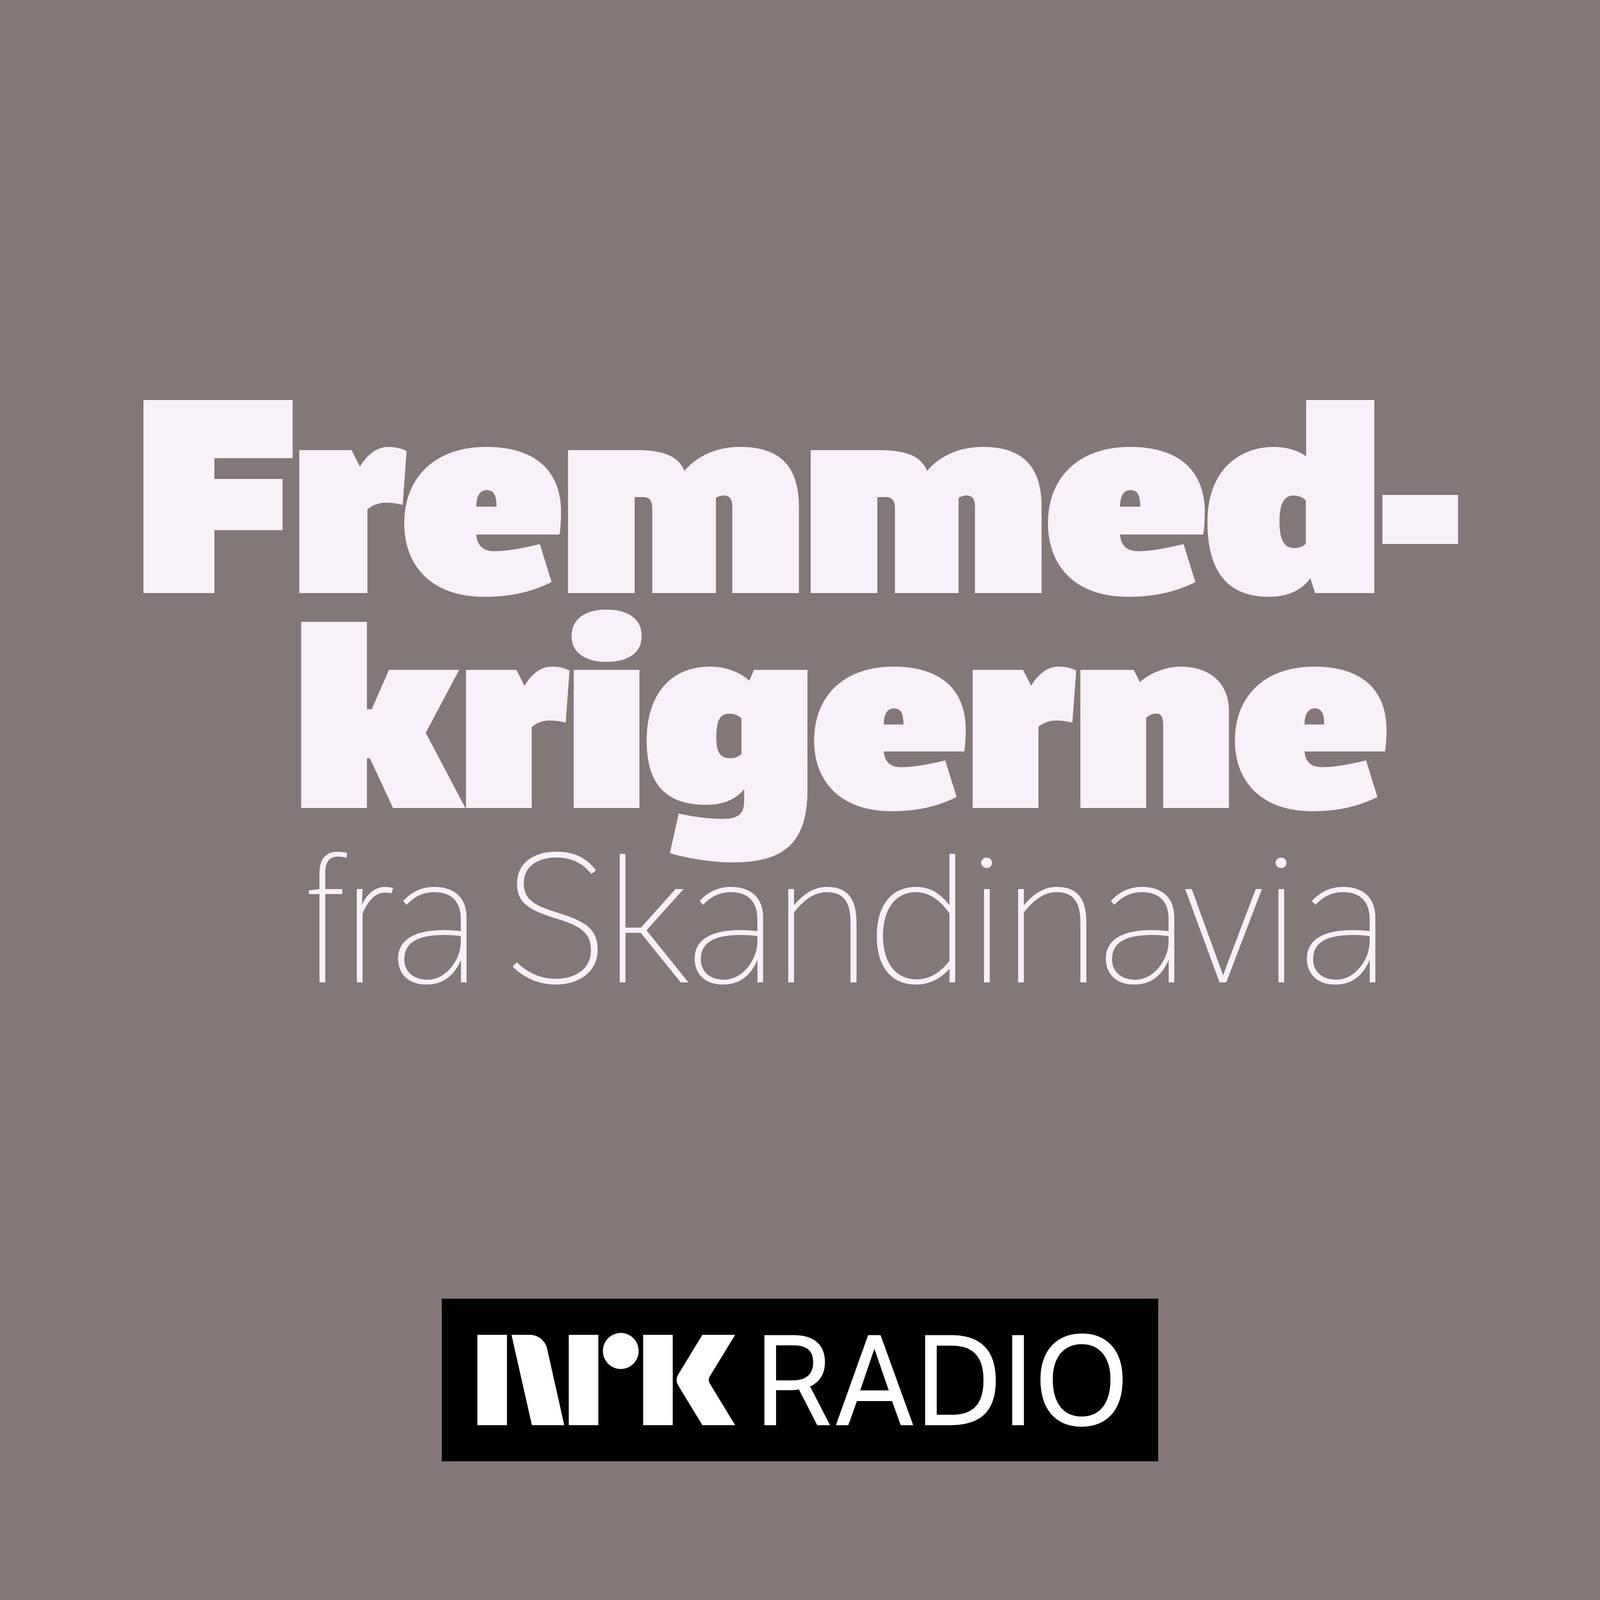 Fremmedkrigerne fra Skandinavia